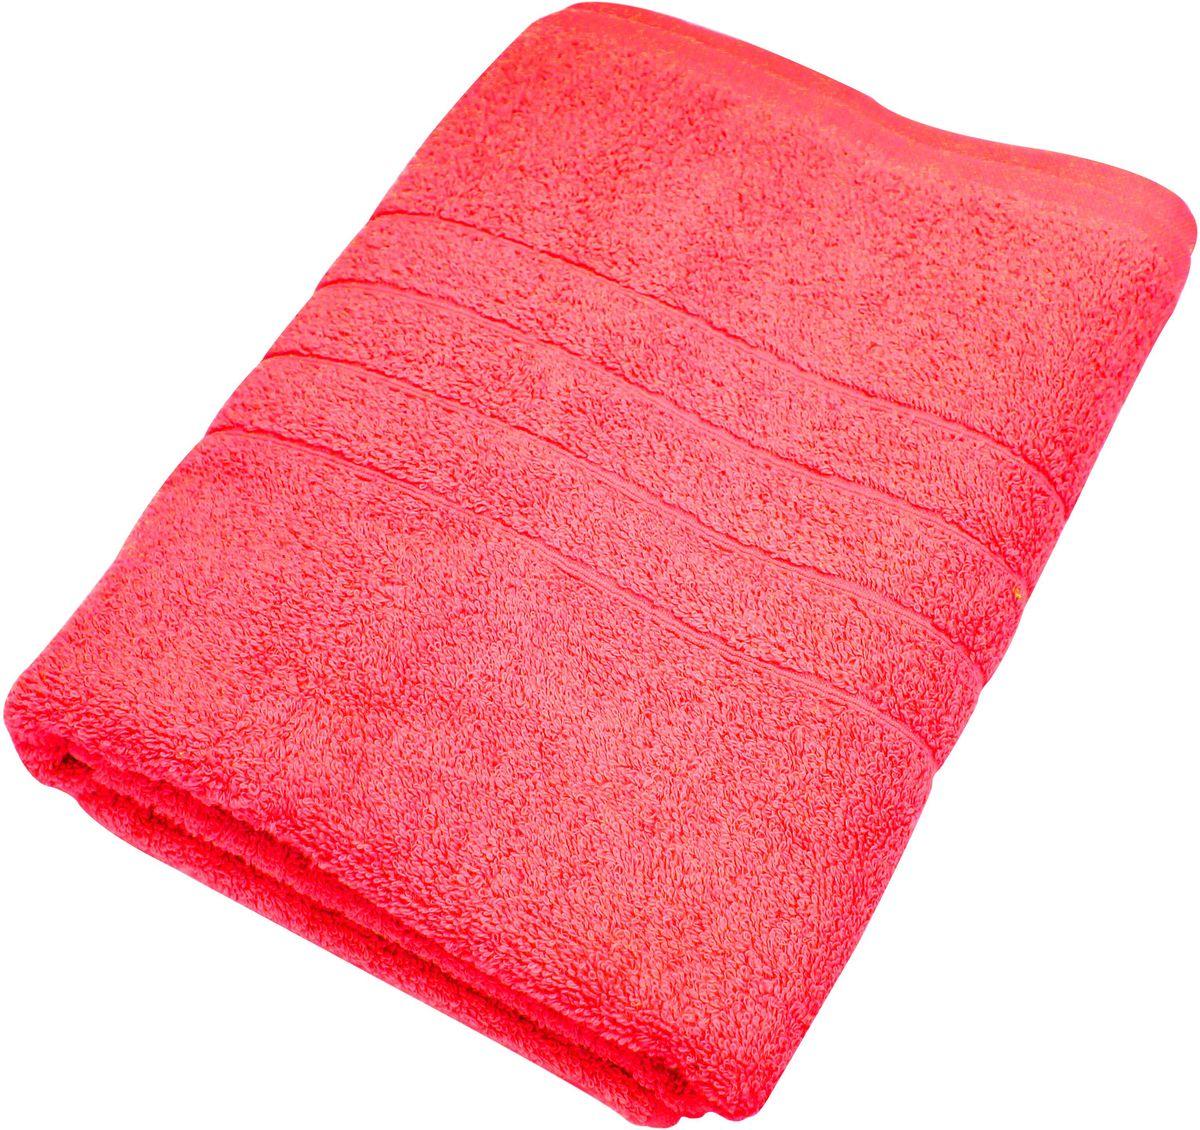 Полотенце Proffi Home Модерн, цвет: красный, 70 x 140 см1004900000360Мягкое махровое полотенцеProffi Home Модерн отлично впитывает влагу и быстро сохнет, приятно в него завернуться после принятия ванны или посещения сауны. Поэтому данное махровое полотенце можно использовать в качестве душевого, банного или пляжного полотенца. Состав: 100% хлопок.